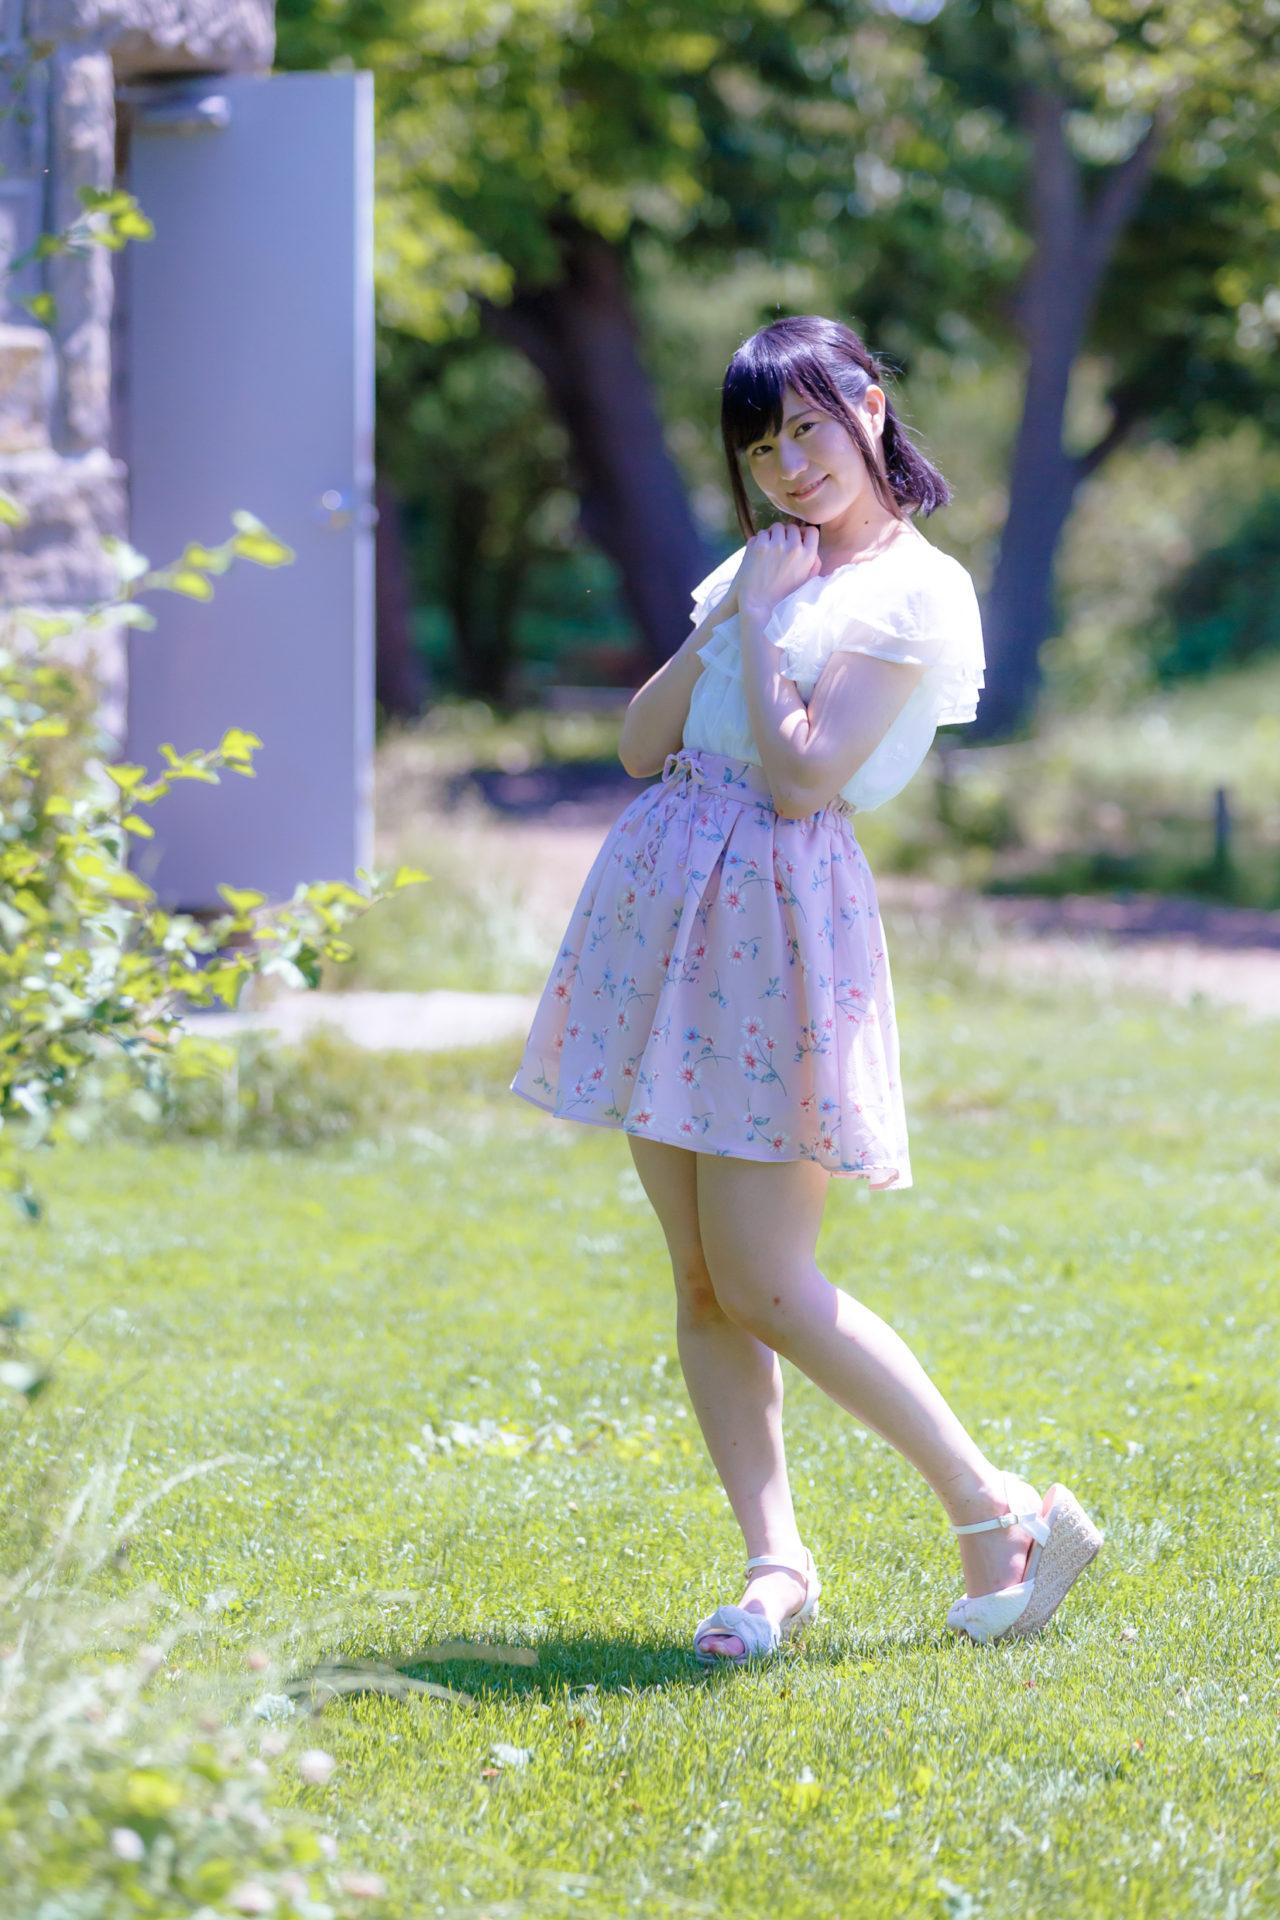 2代目HAPPY少女♪ あゆみ ( 新谷亜由美 ) | モデルプロ撮影会 in 百合が原公園